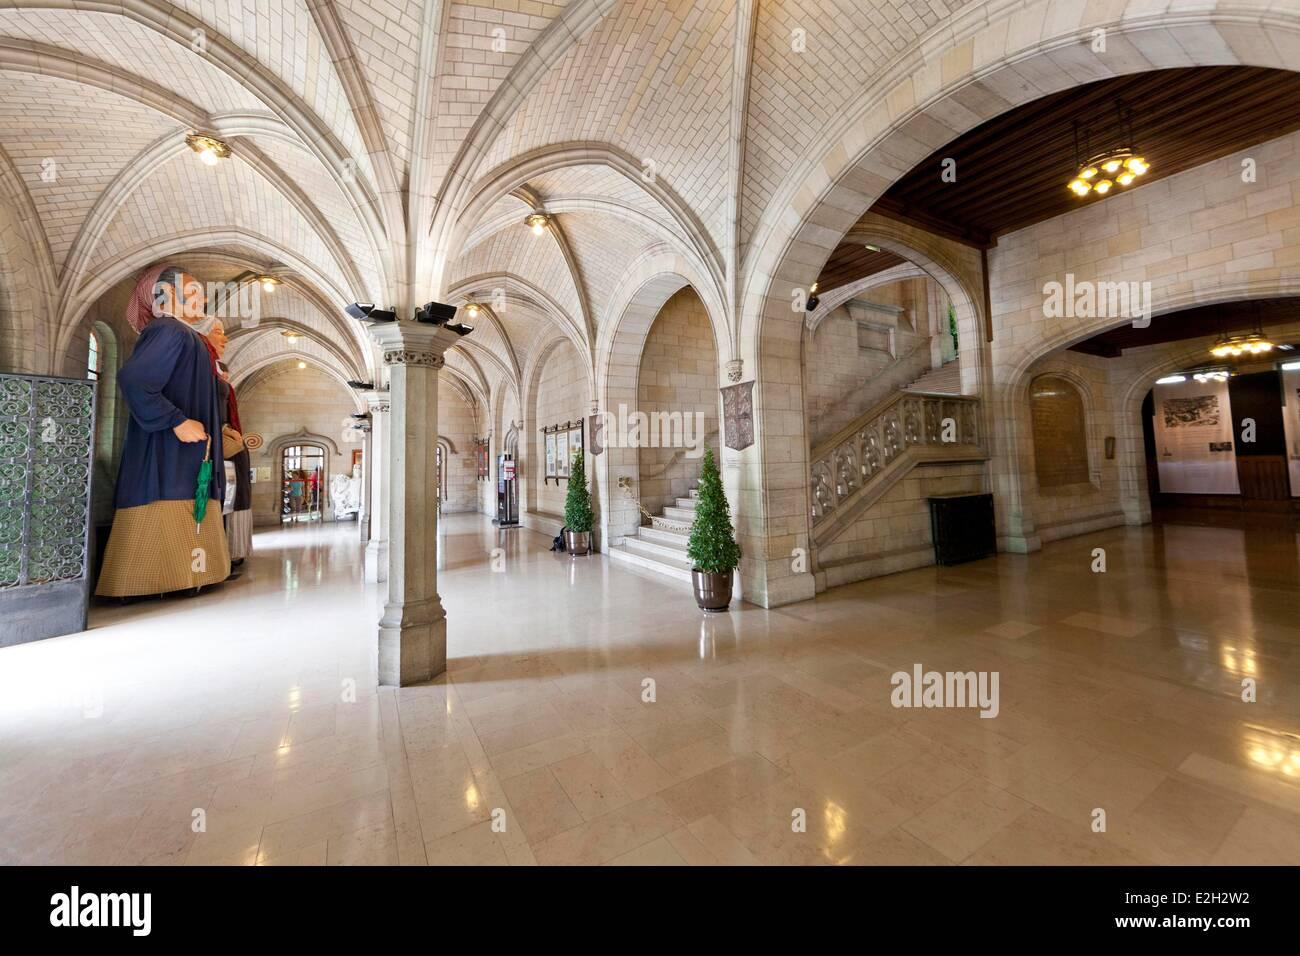 France Pas de Calais Arras lobby of City Hall - Stock Image